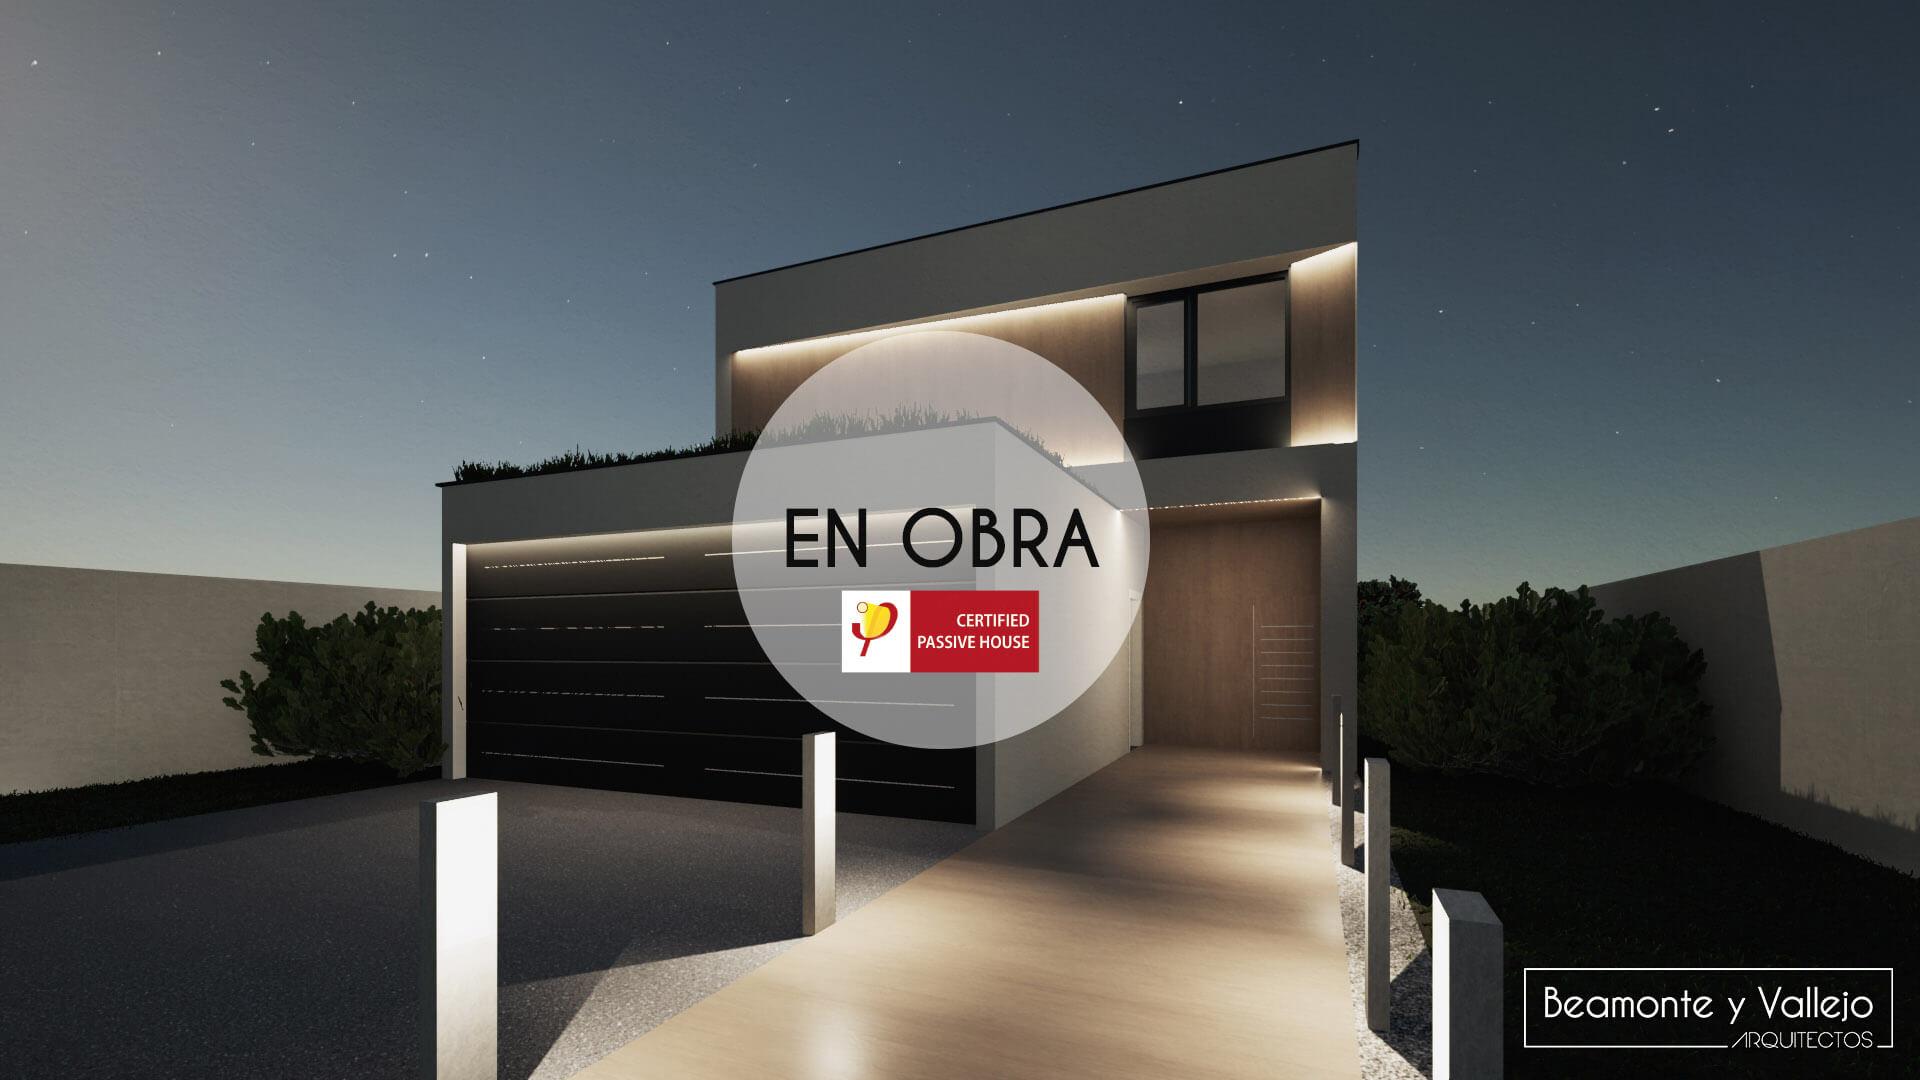 Beamonte y Vallejo arquitectos - Passivhaus Rocafort, Valencia en obra - 2